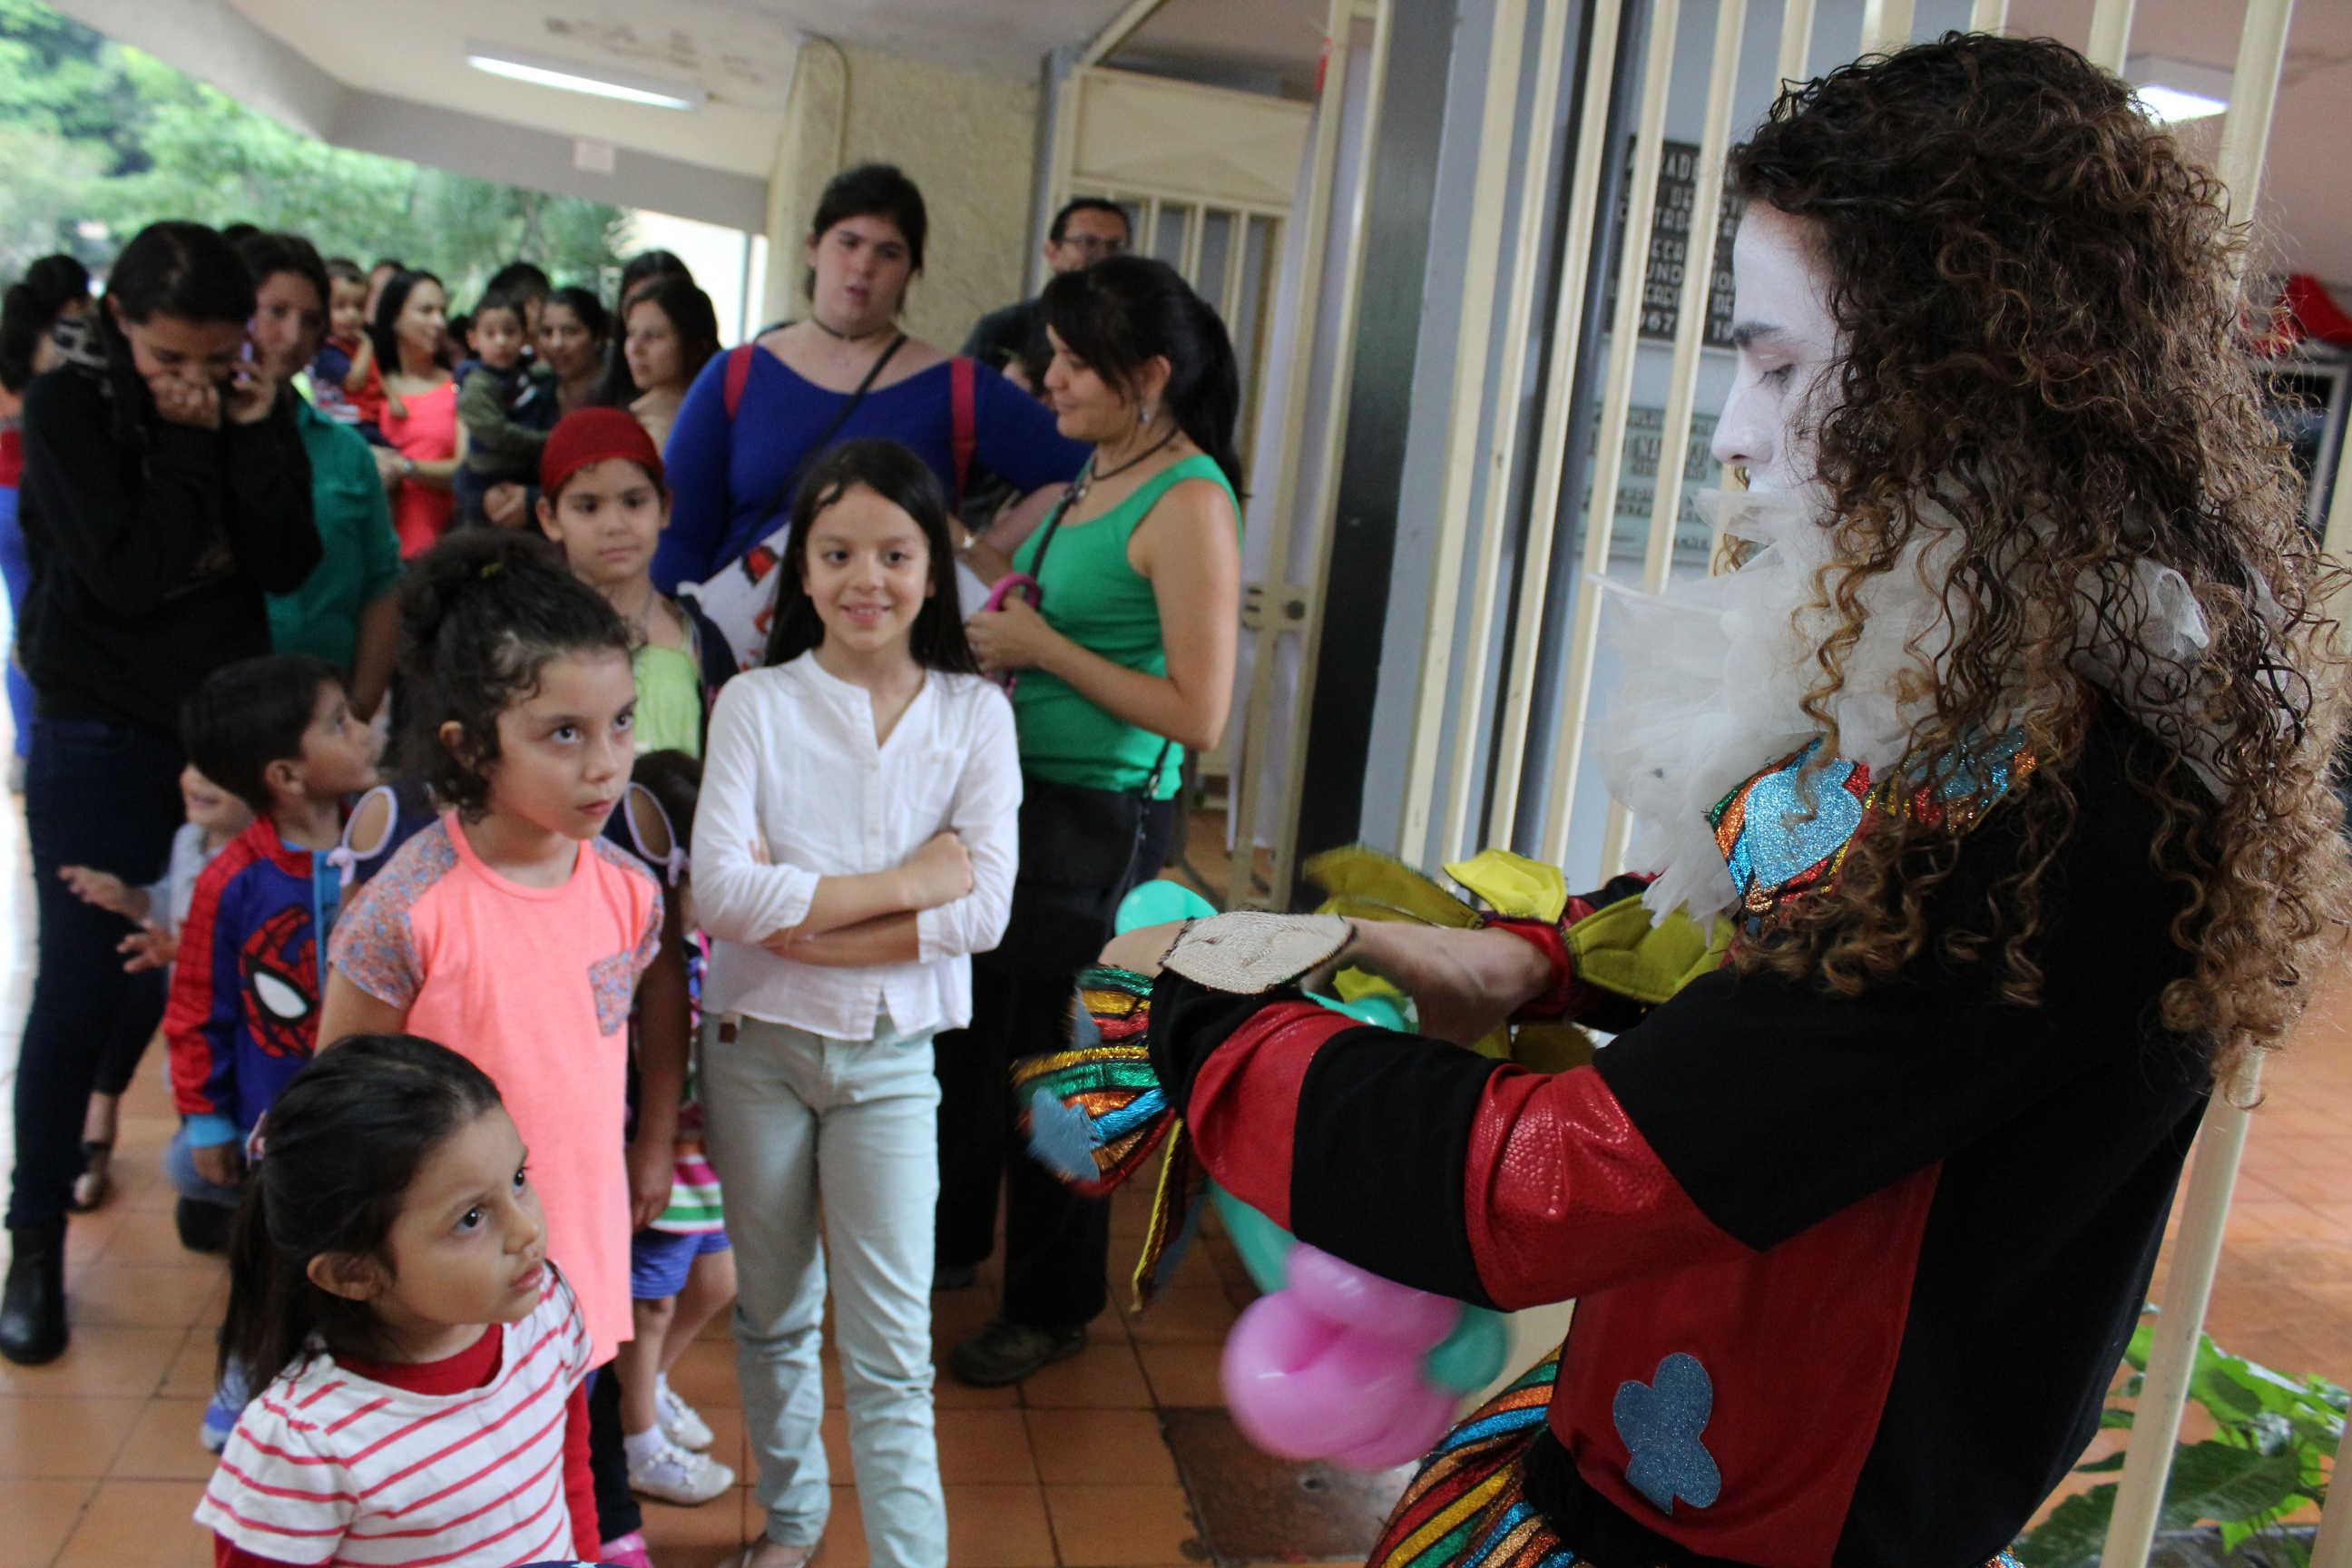 Se impartieron talleres de globoflexia a las niñas y los niños asistentes de Títere-tandas.